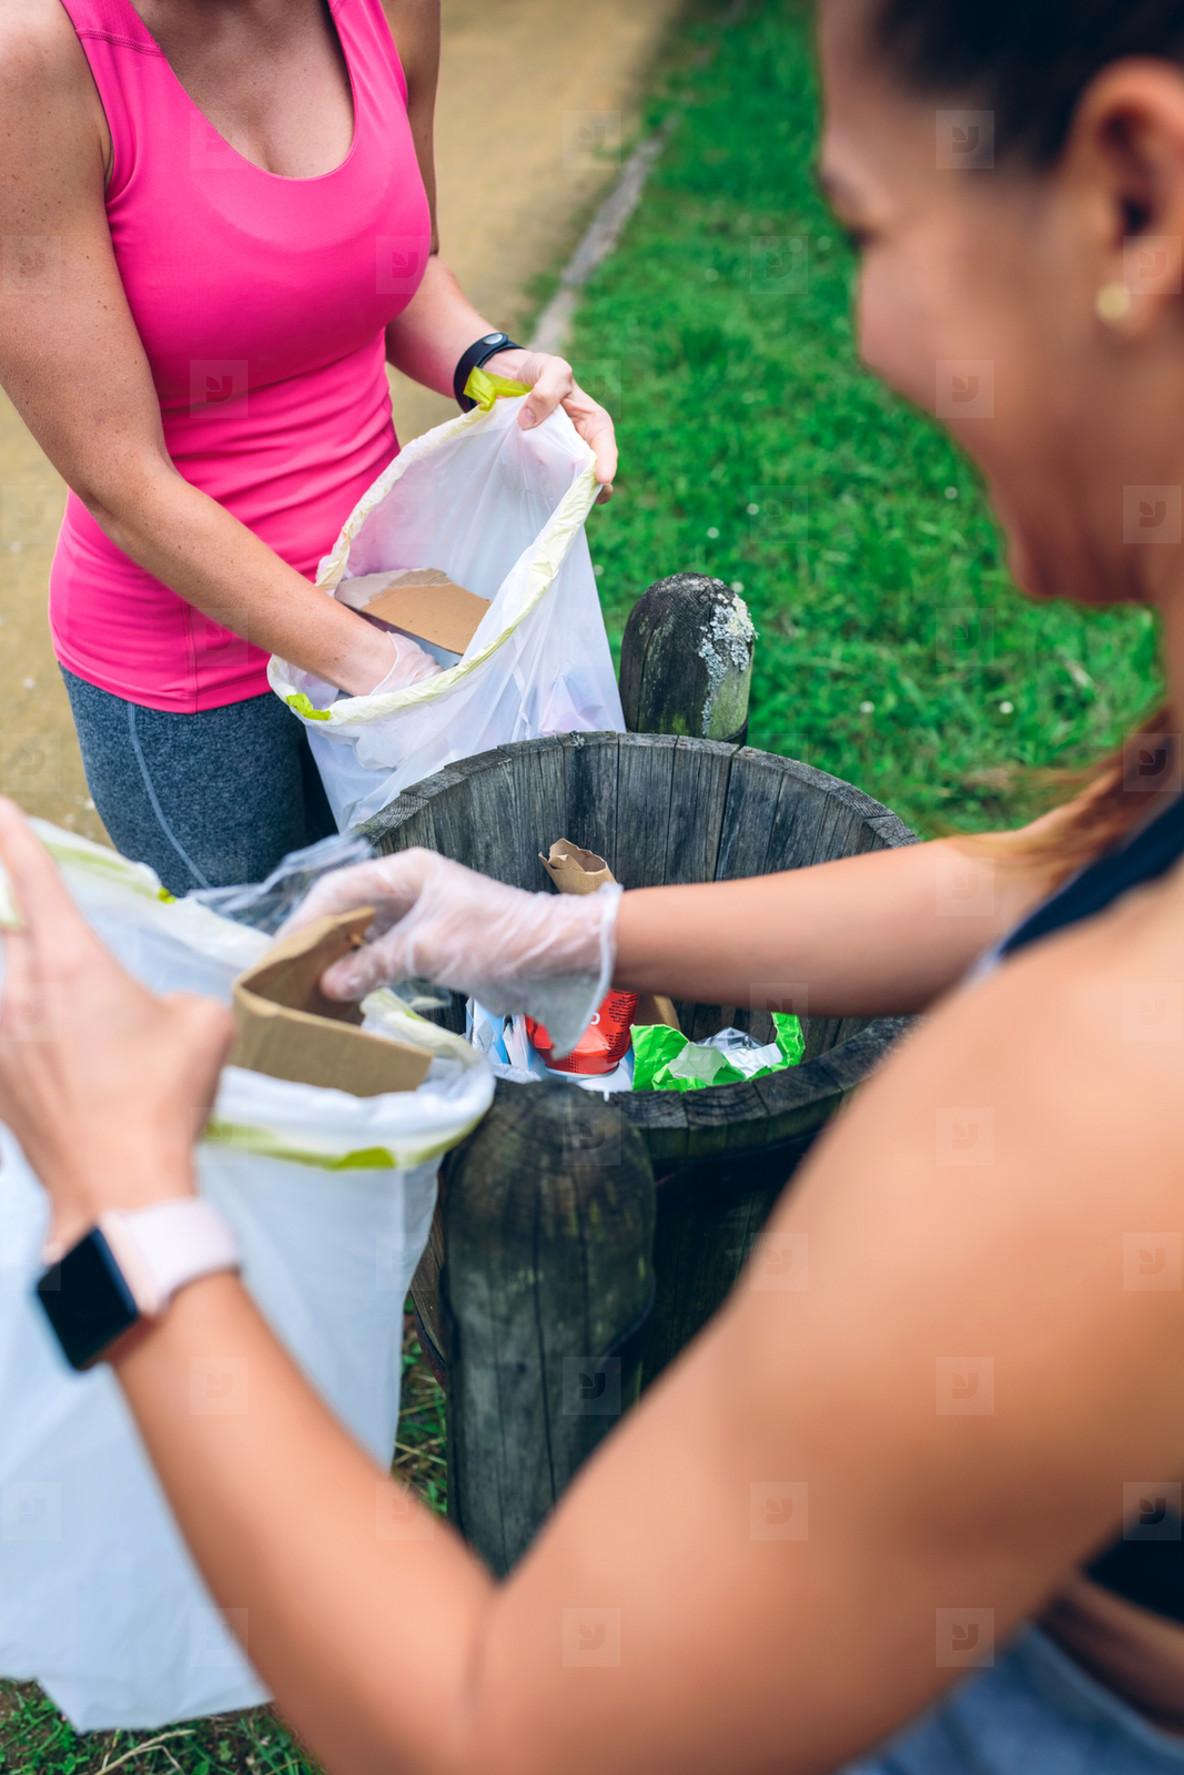 Two girls throwing garbage after plogging